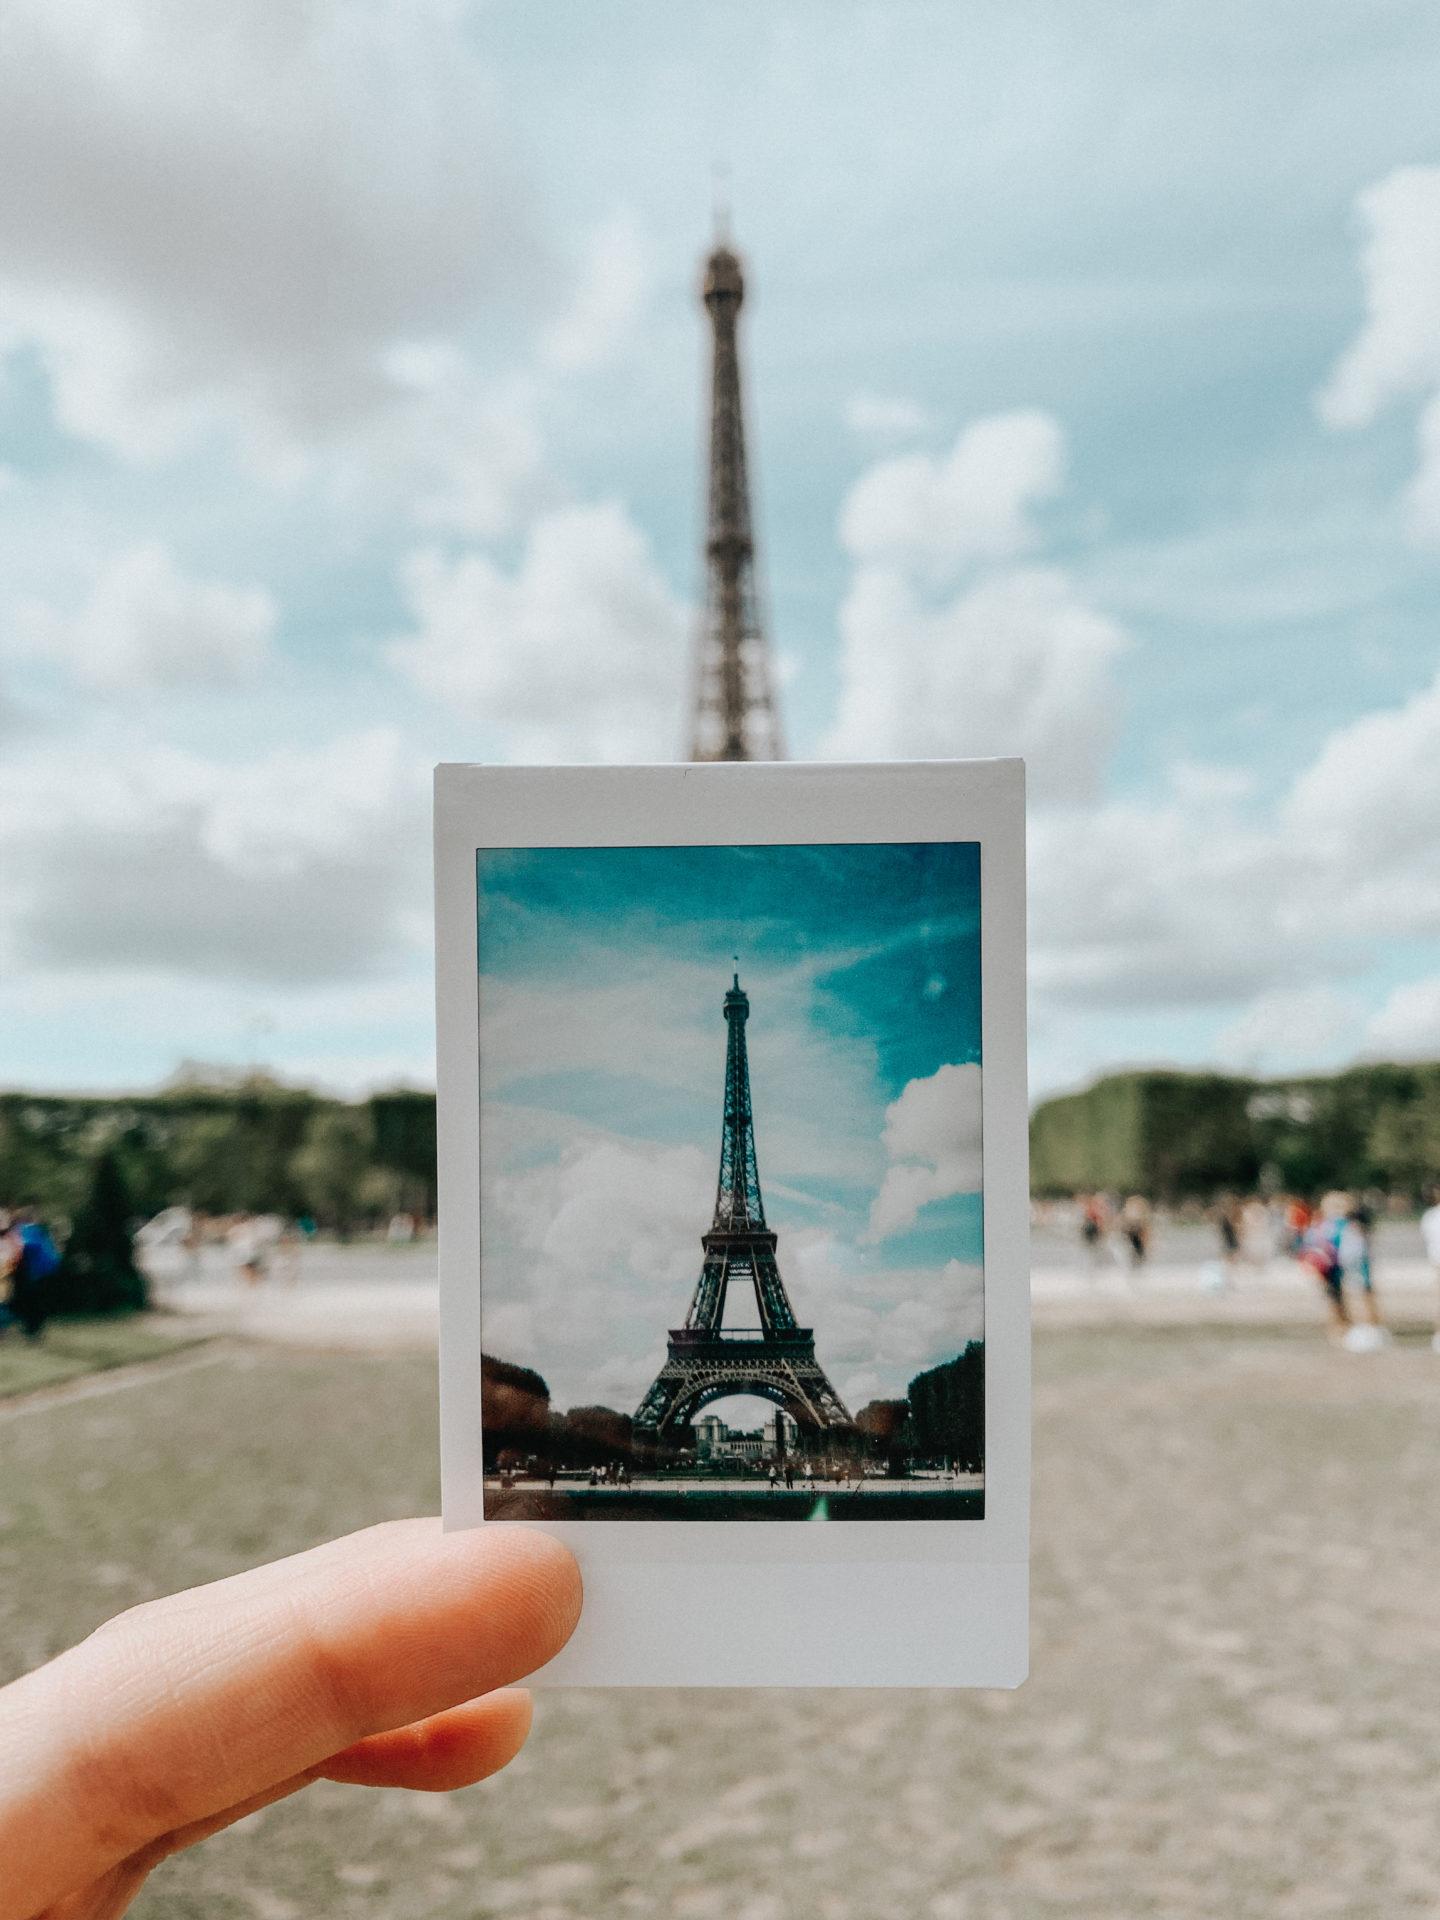 Paris Eiffel Tower Polaroid – thecasualfree.com